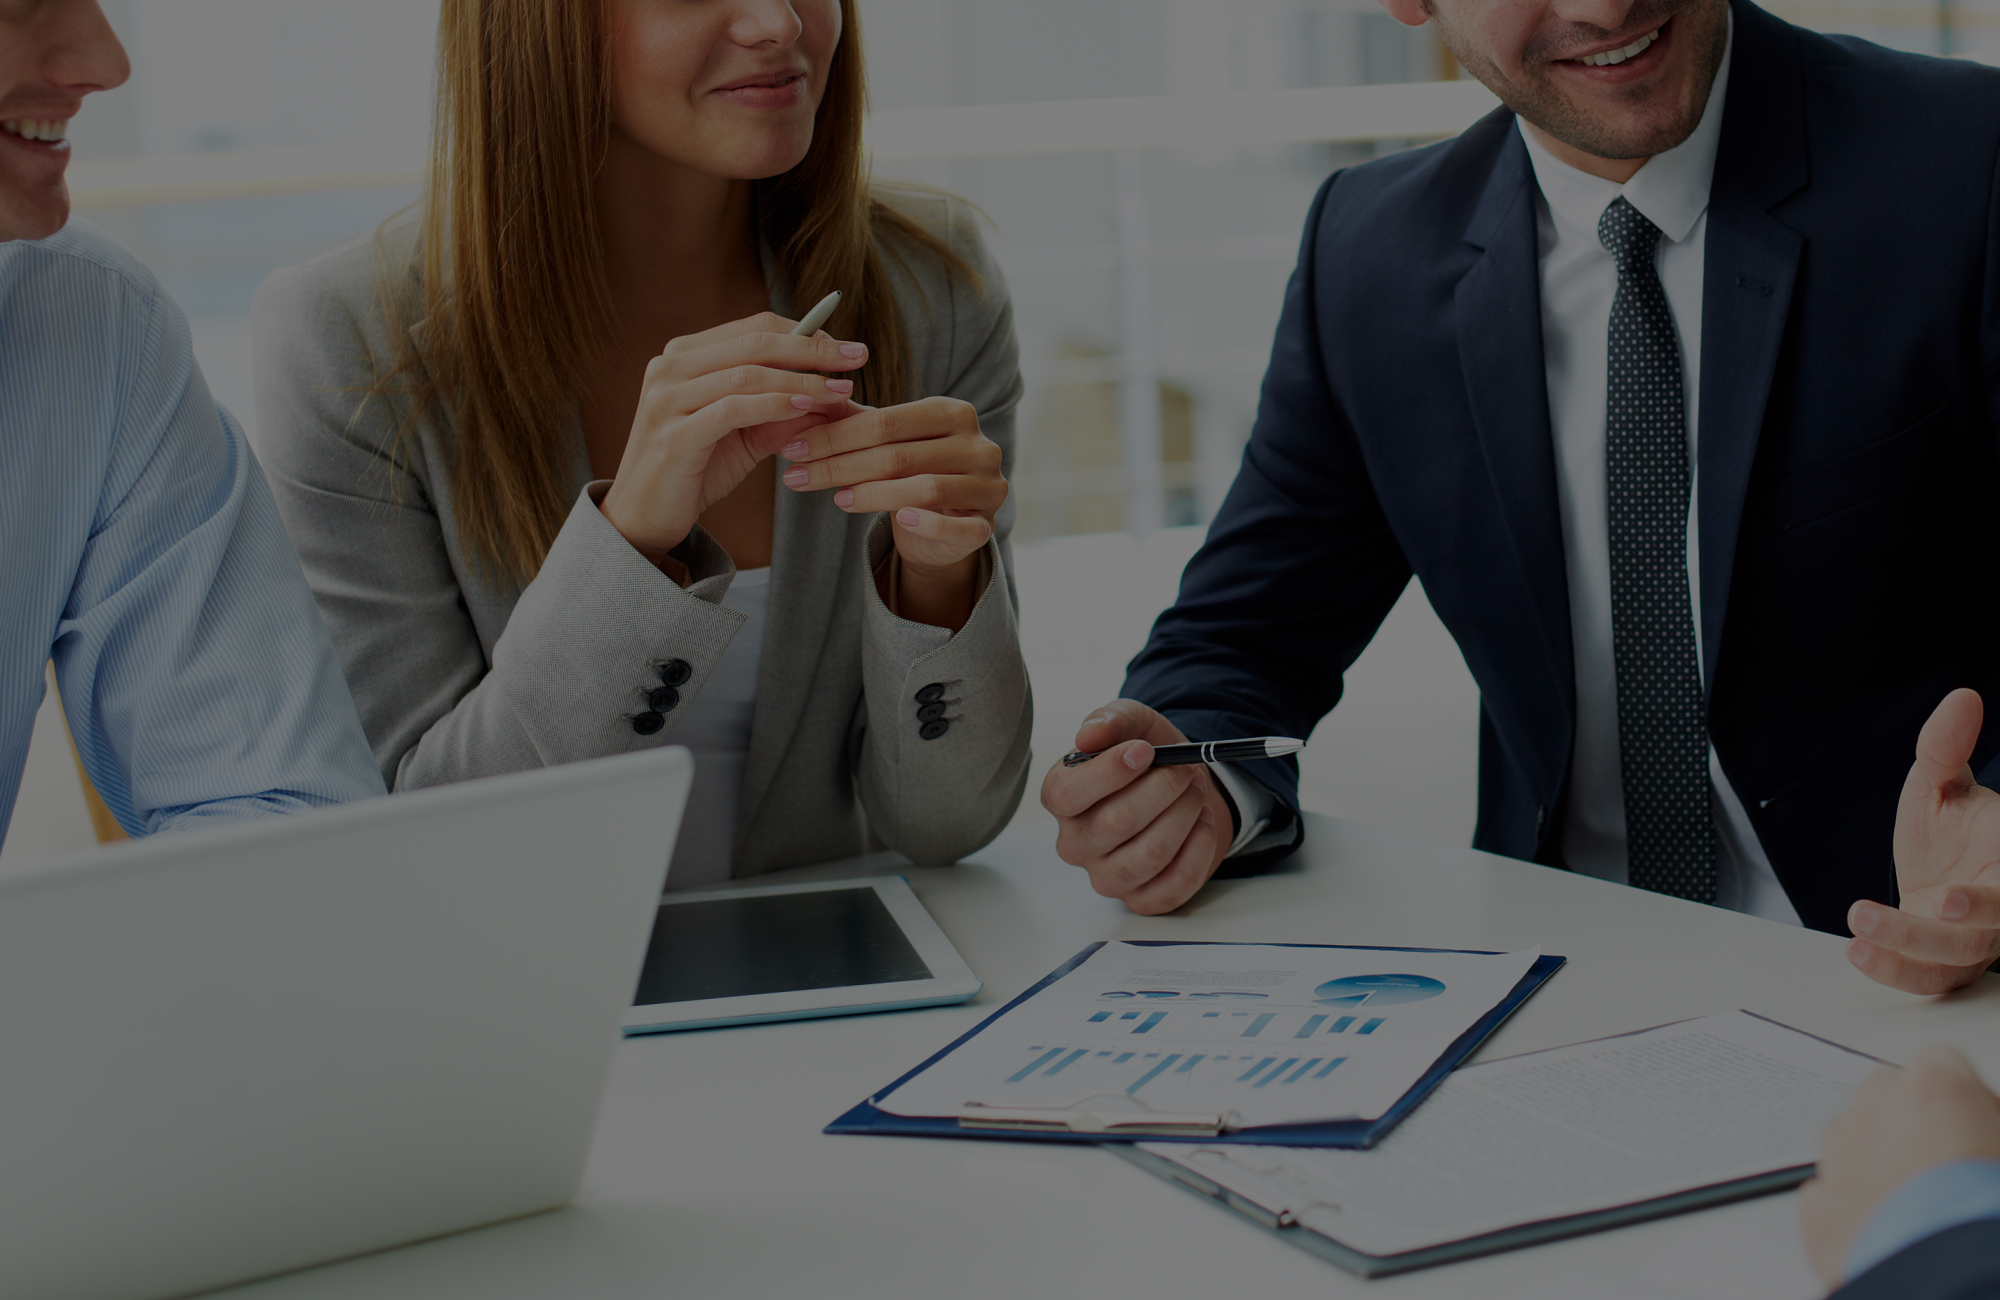 Nosso processo de vendas ao setor público atrela experiência e agilidade. Possuímos ATAS de registro de preços de Desktops corporativos, notebooks, impressoras e muito mais.